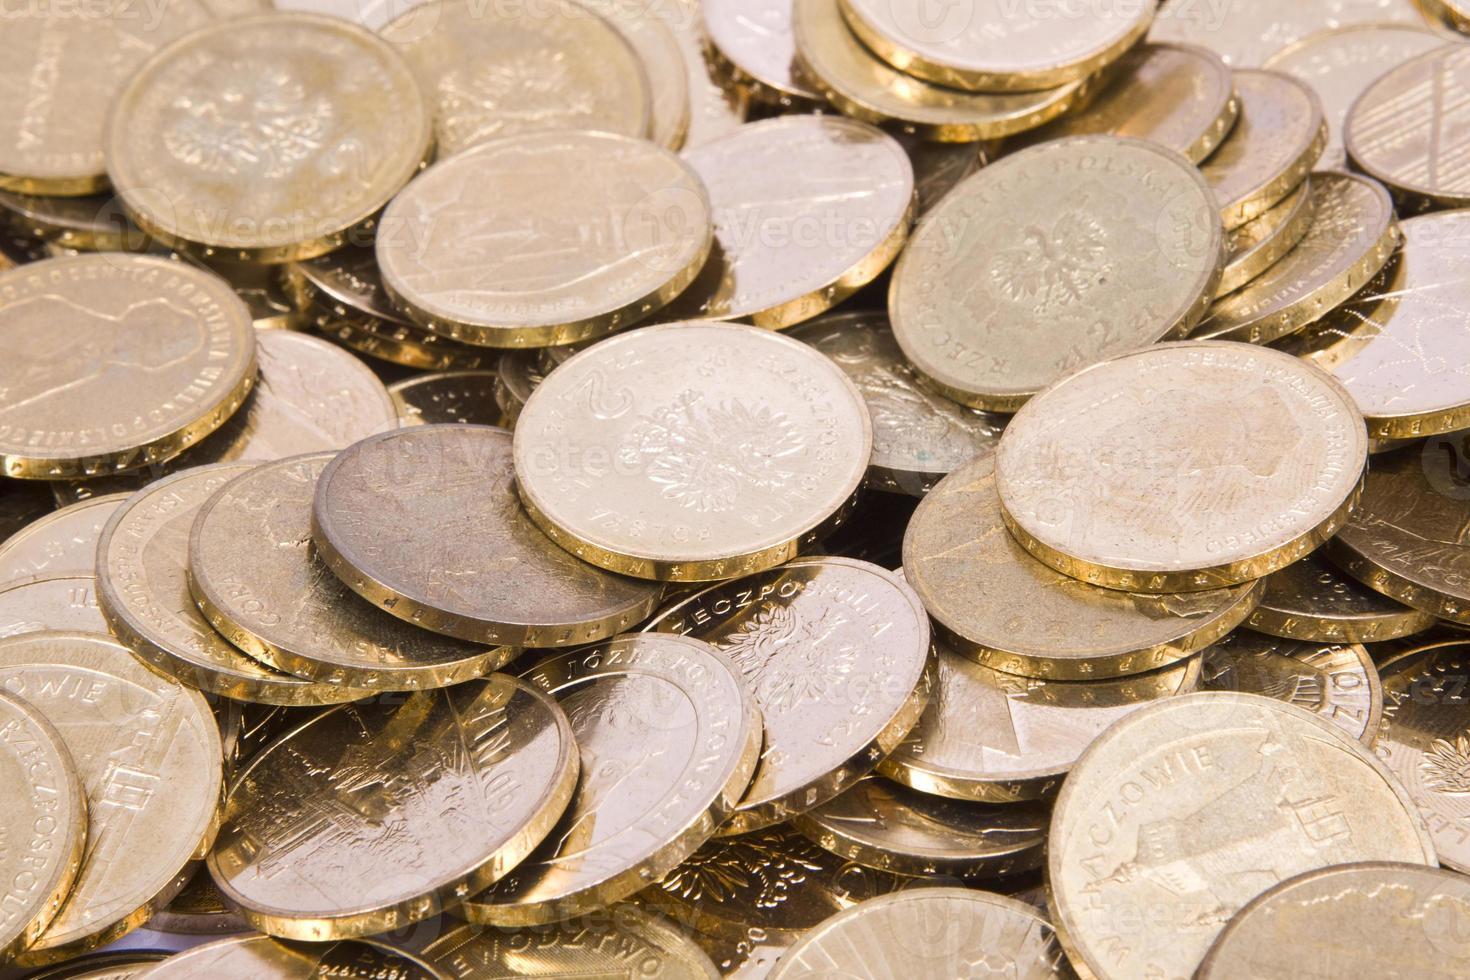 monete in zloty polacco pln foto